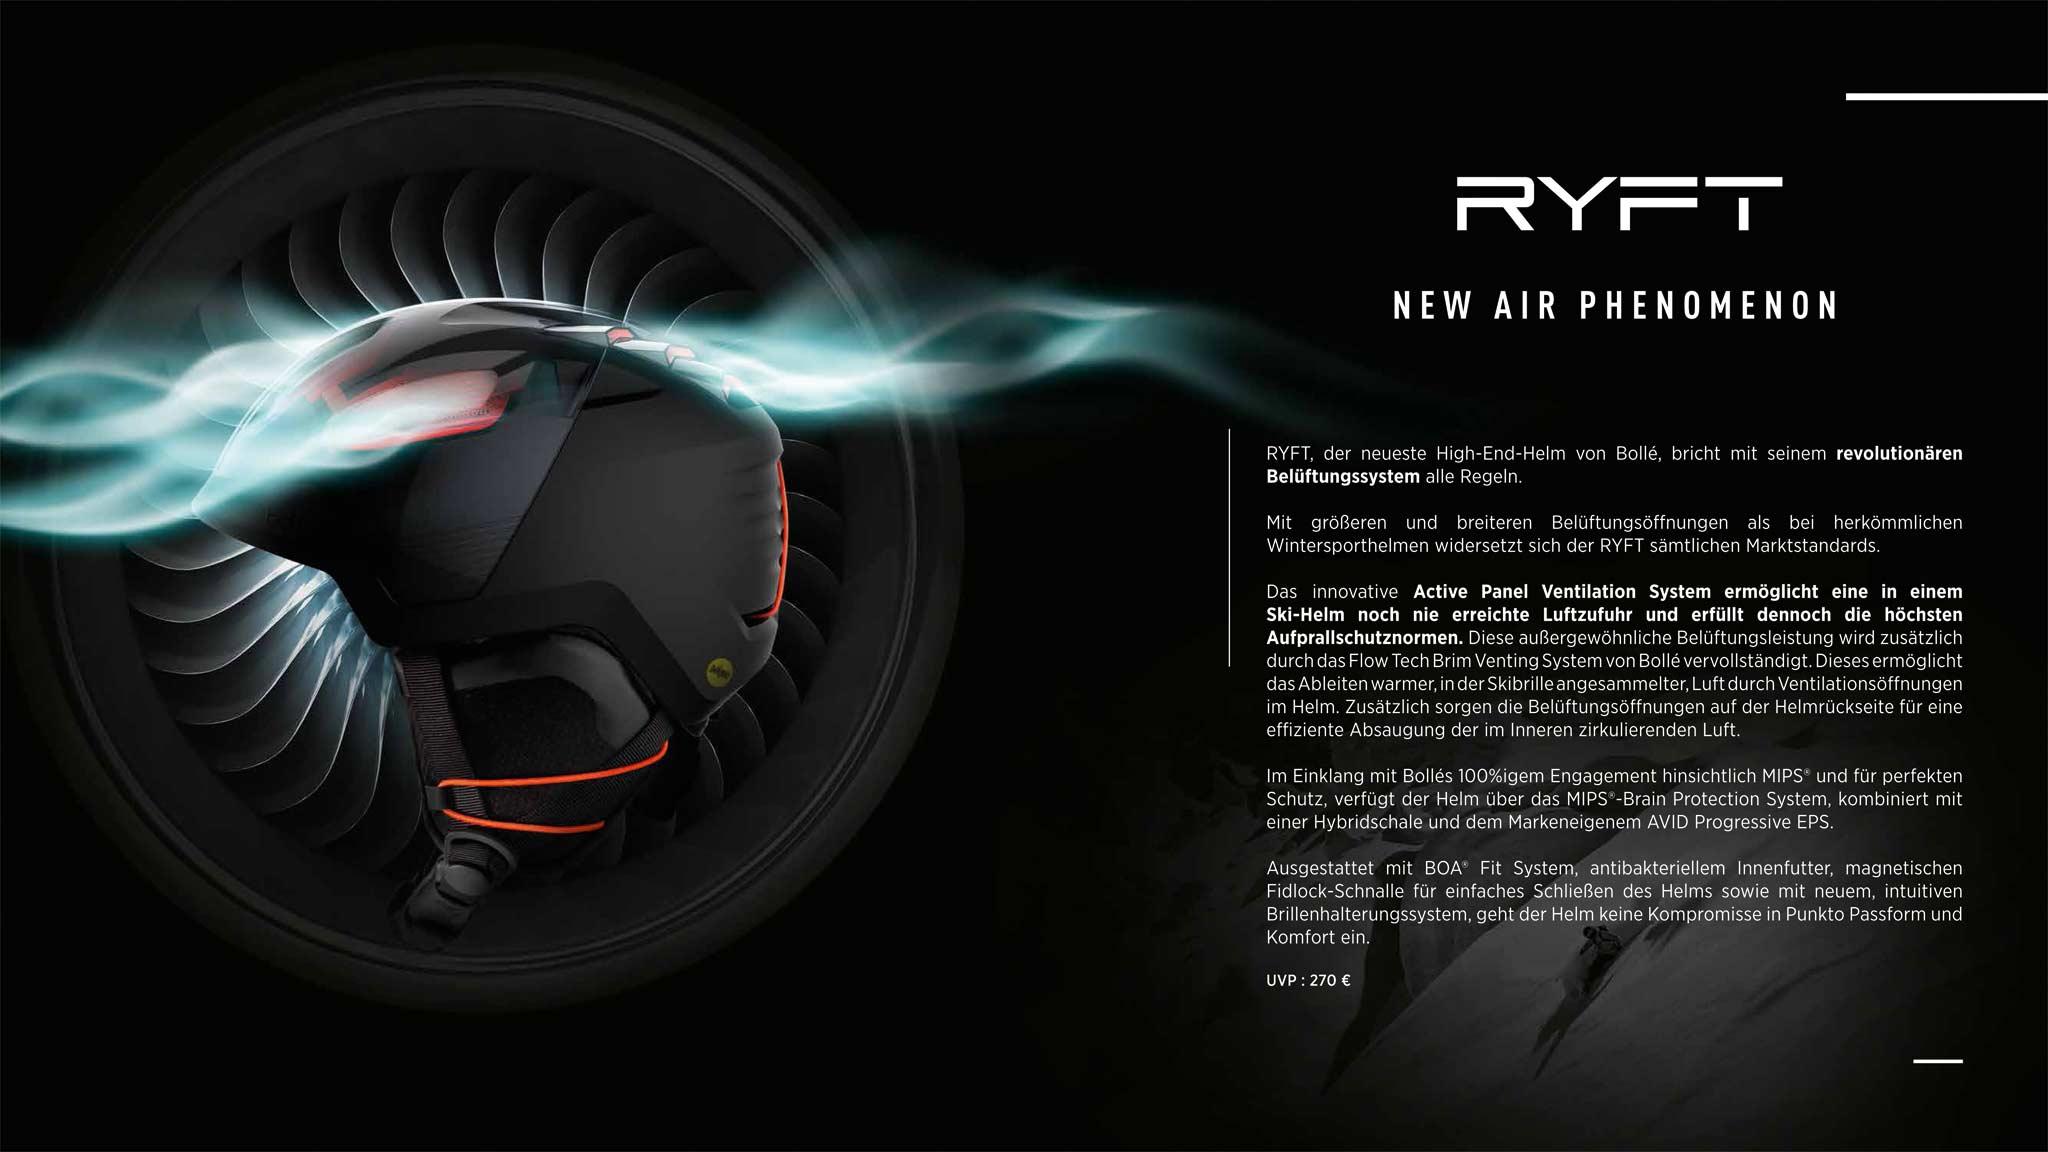 RYFT ermöglicht eine große Luftzufuhr, indem diese über vertikale Öffnungen einströmen kann, während die Paneele den Kopf vor dem Eindringen von Gegenständen schützen.